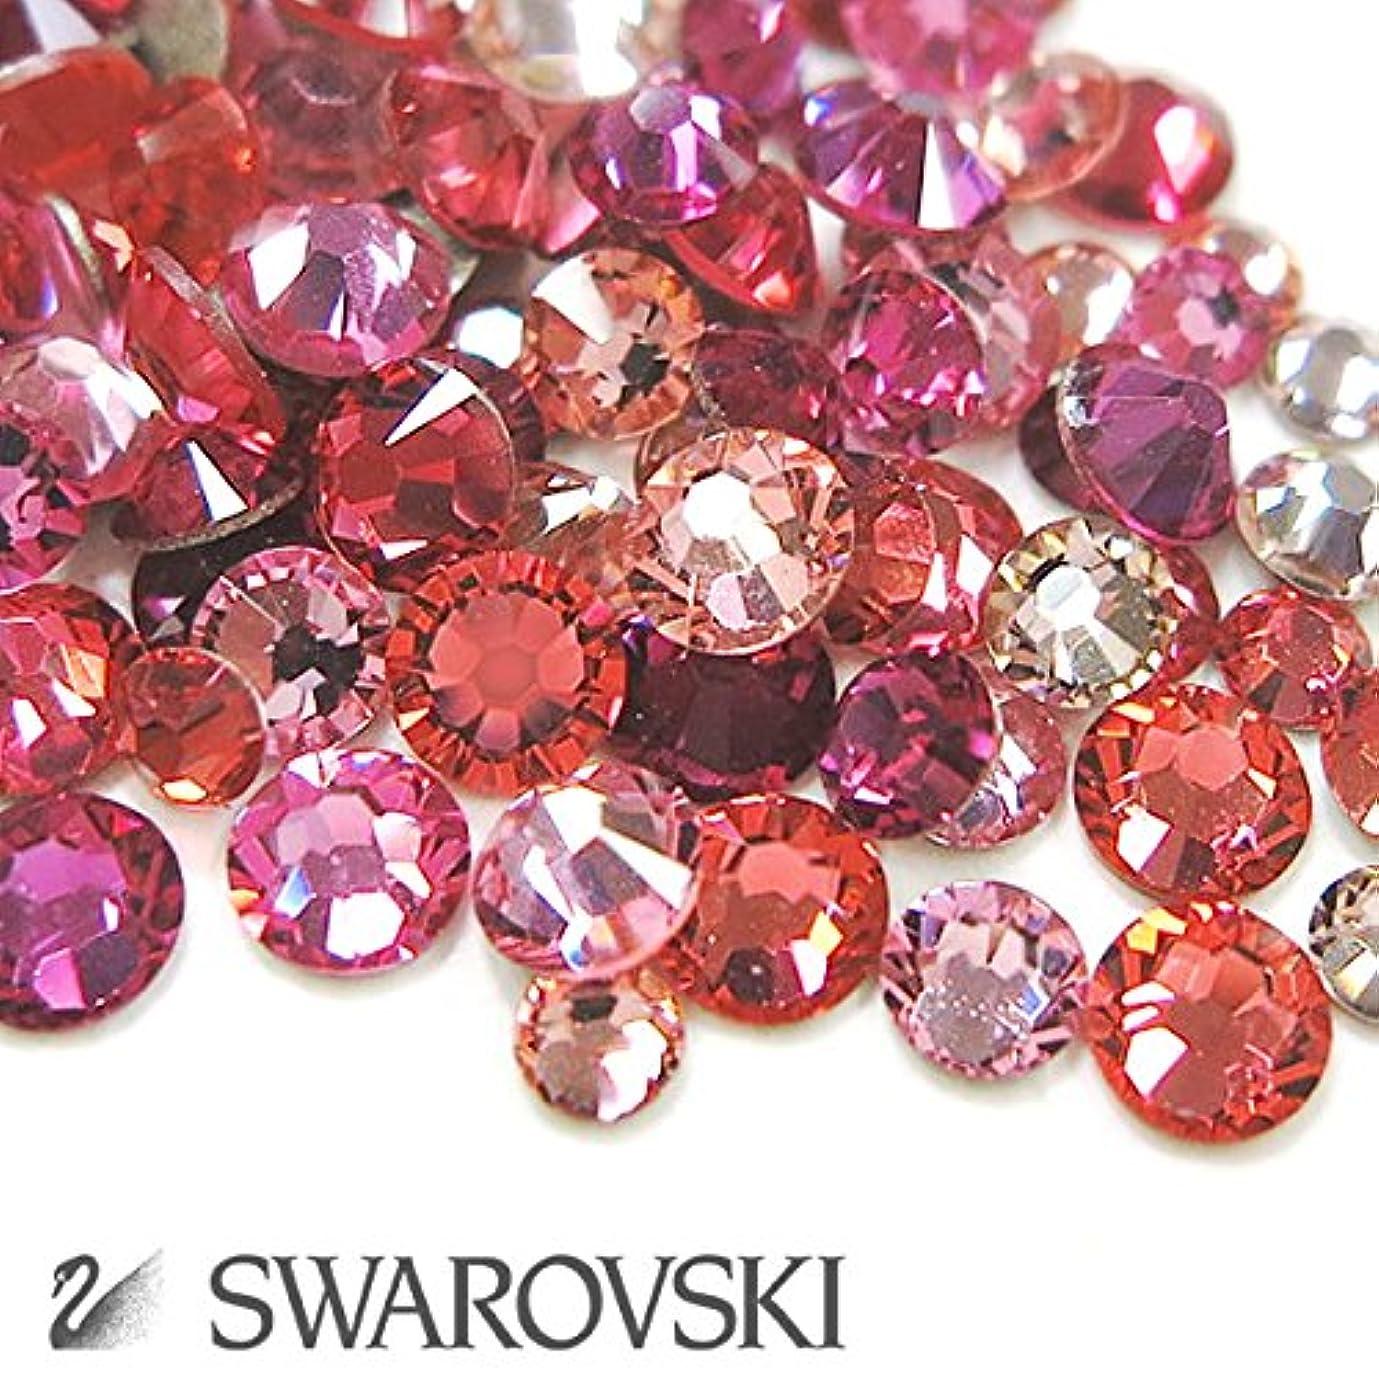 ギャラントリー訴える五スワロフスキー(Swarovski) クリスタライズ ラインストーン ネイルサイズMIX (100粒) ピンク